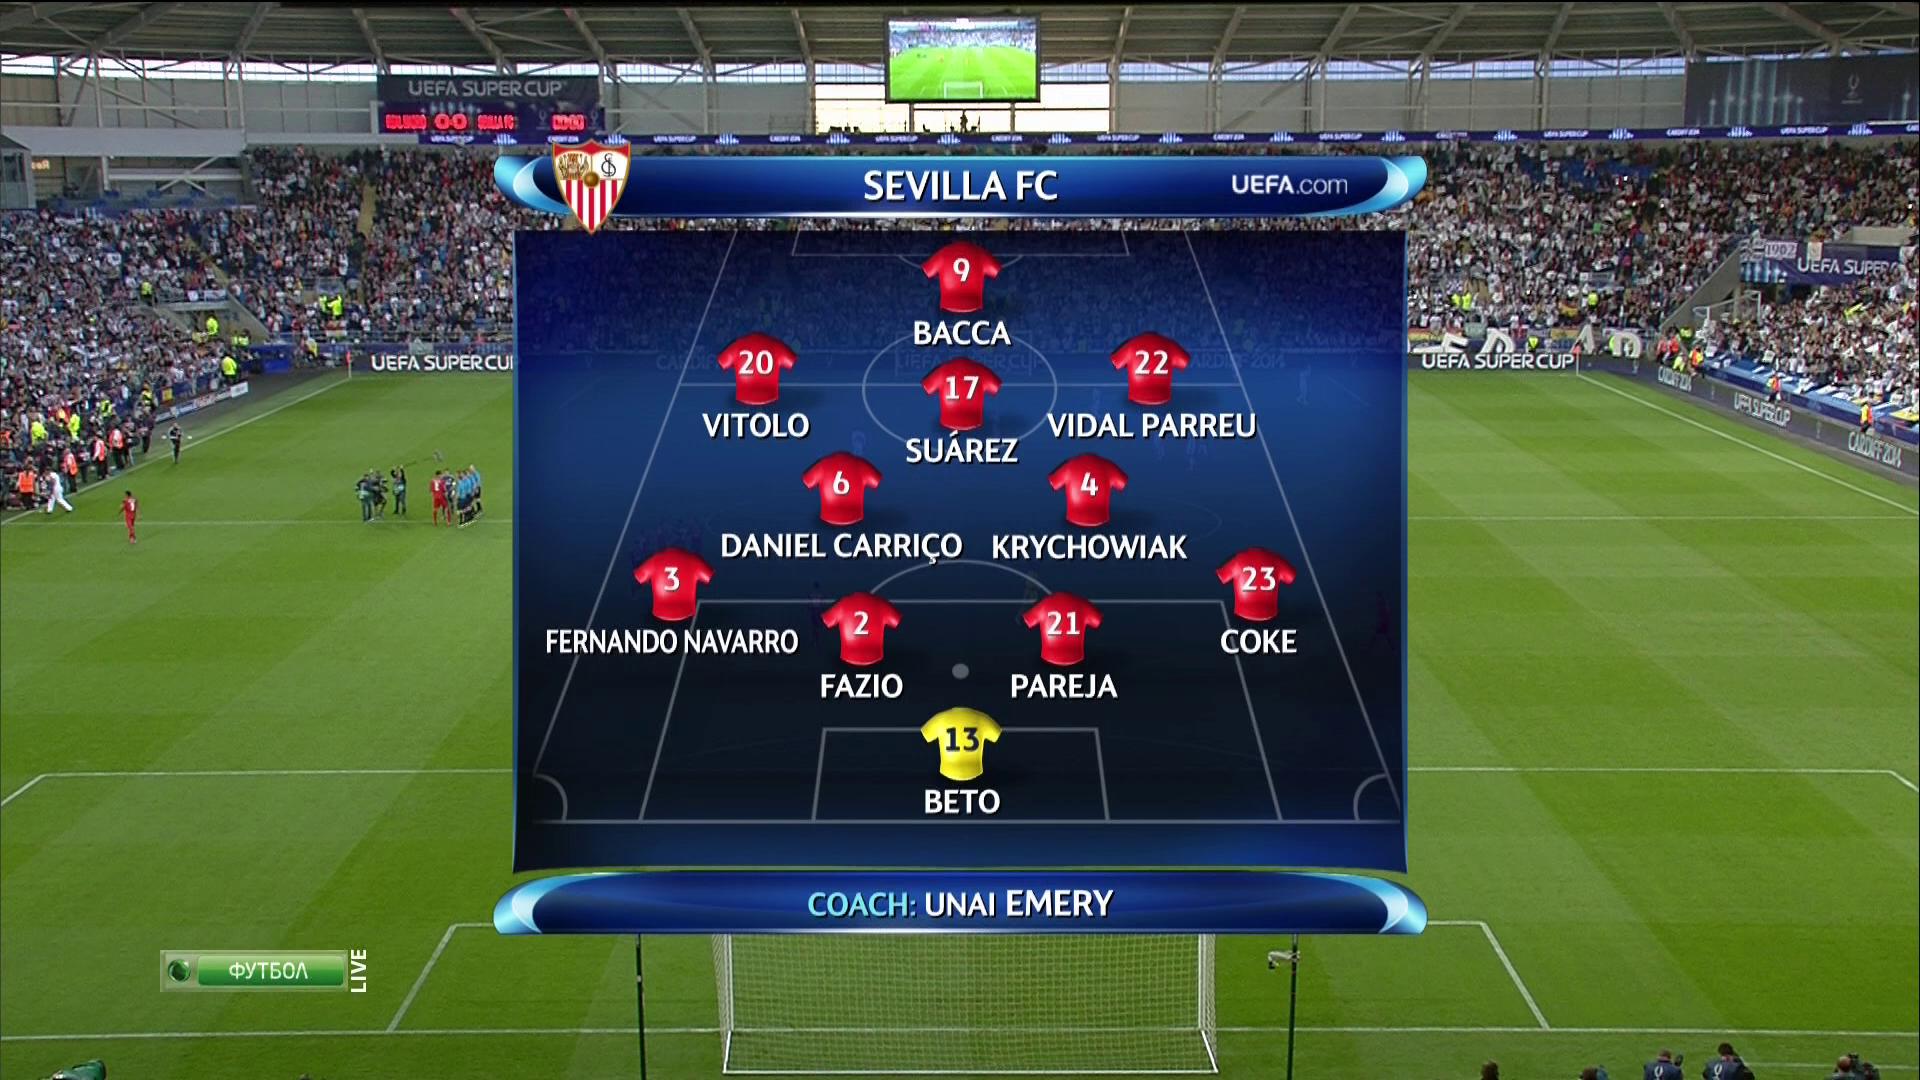 Supercopa de Europa 2014 - Final - Real Madrid Vs. Sevilla FC (1080i/720p) (Castellano-Ruso/Castellano) Vlcsnap-2019-06-30-23h03m32s689